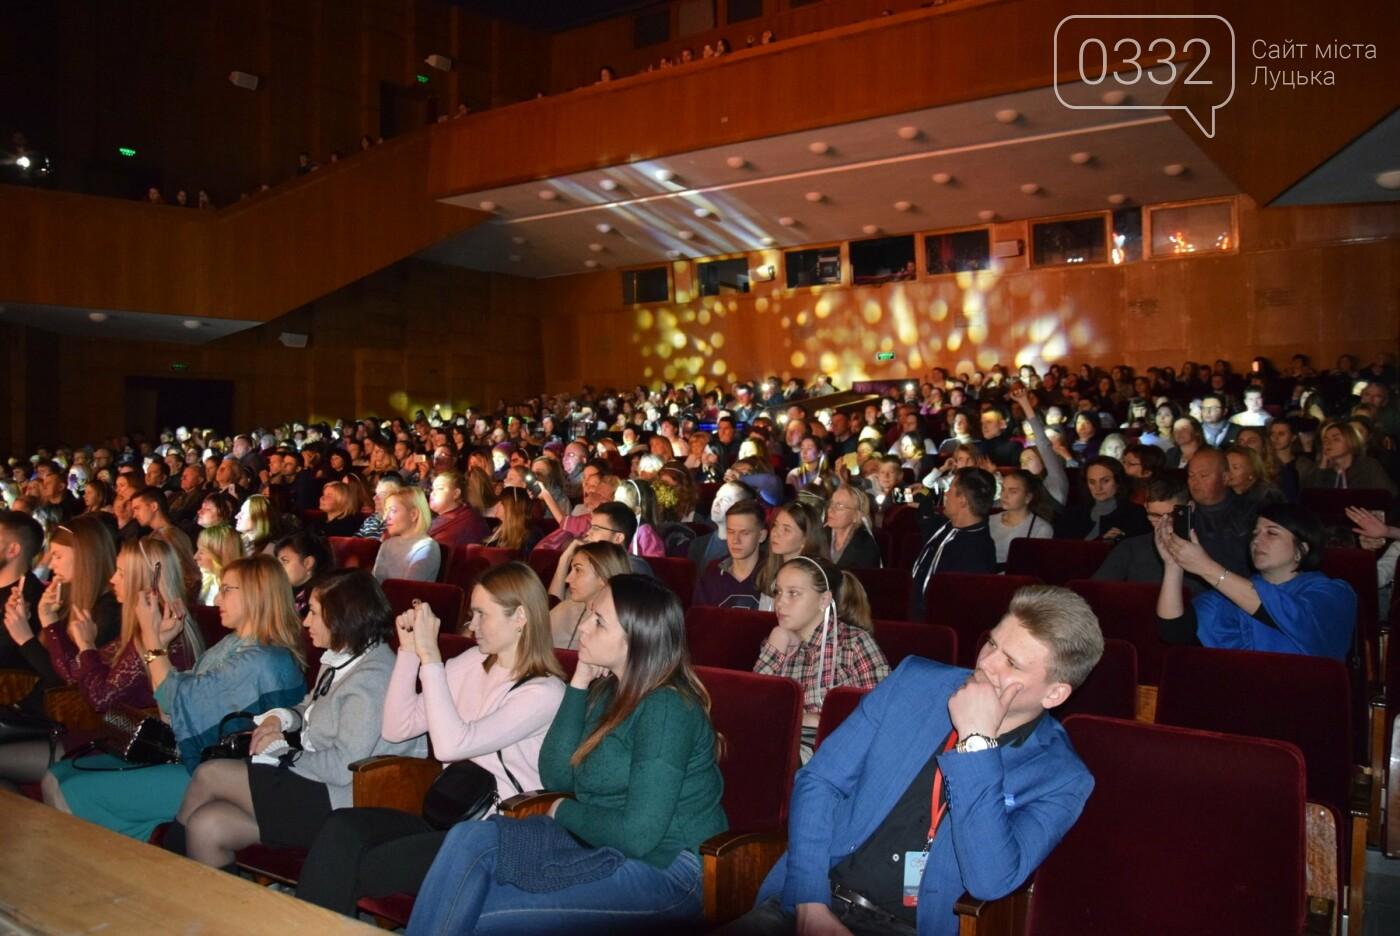 """""""Ось чому я не співаю веселих пісень"""", - Христина Соловій про Луцьк, творчість та історію (ФОТО) , фото-29"""